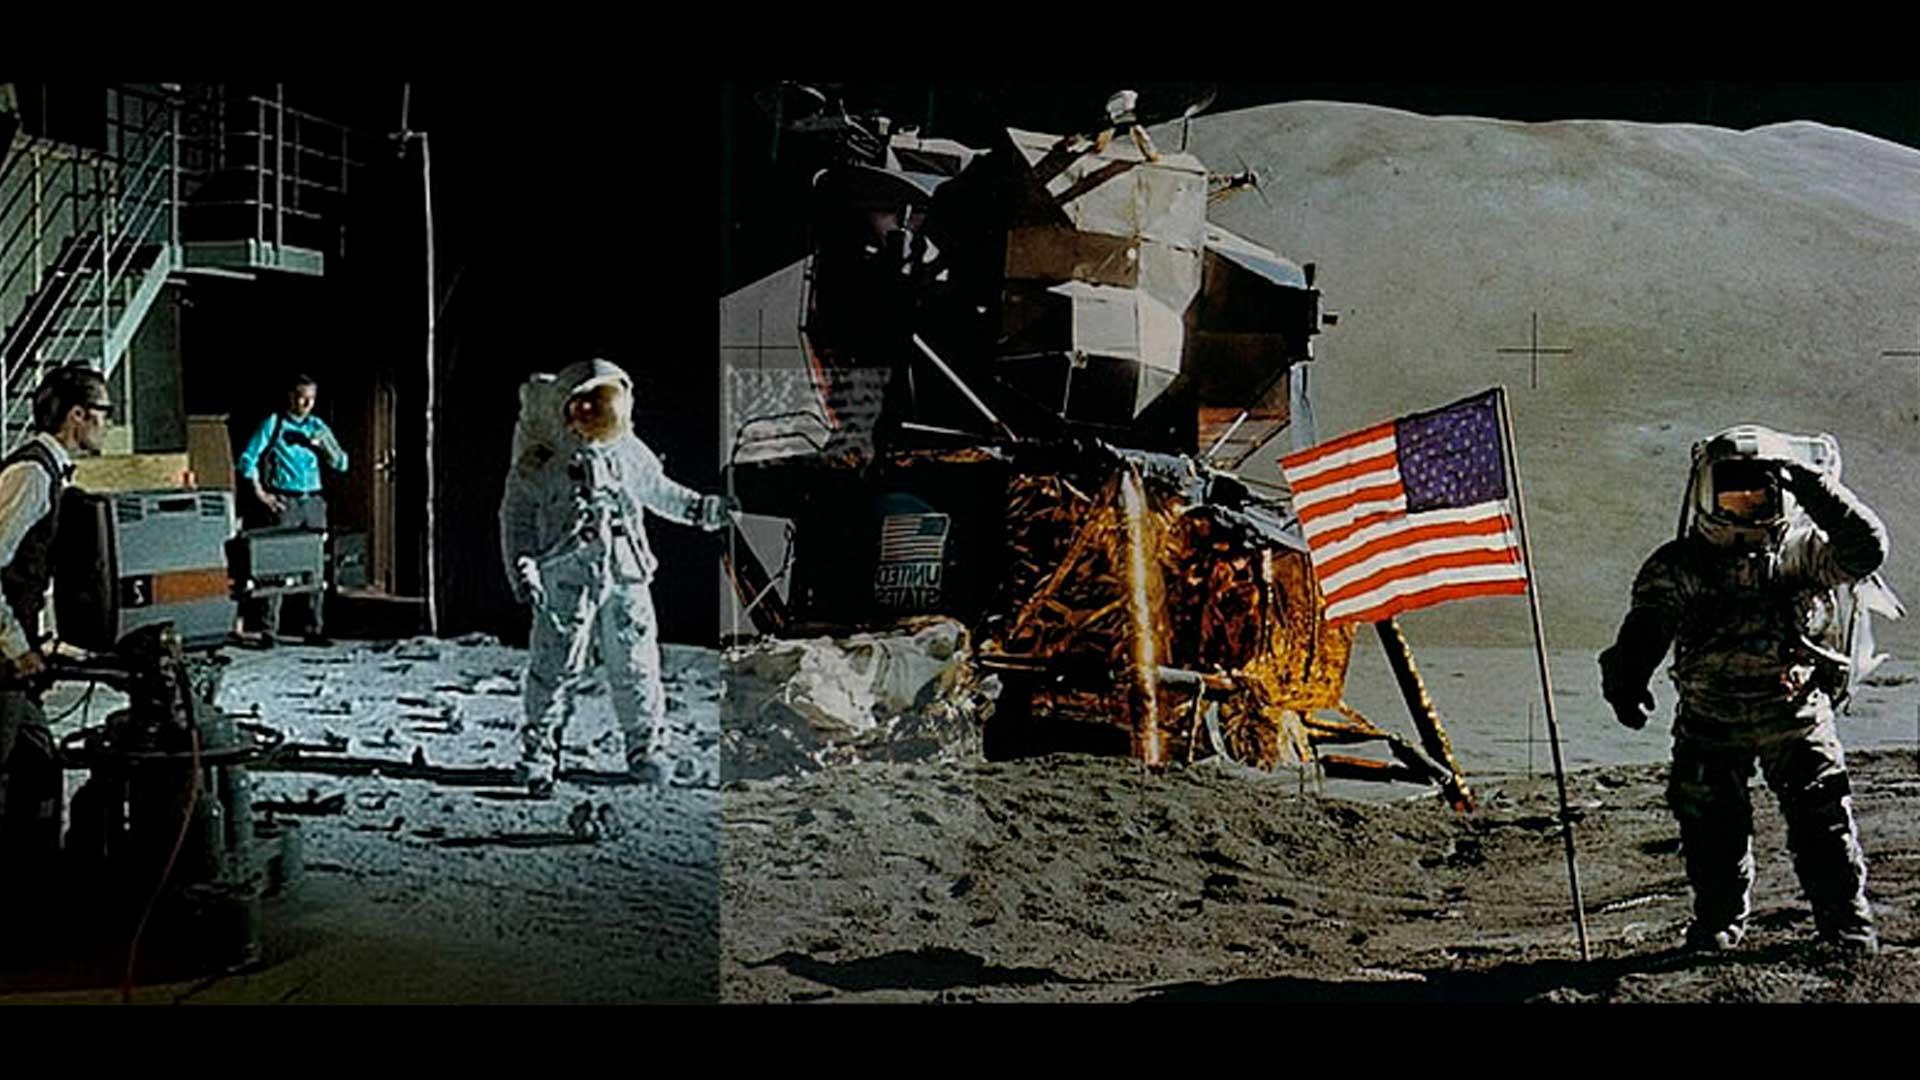 Pruebas que los conspiracionistas usan para demostrar que la NASA no ha visitado el espacio